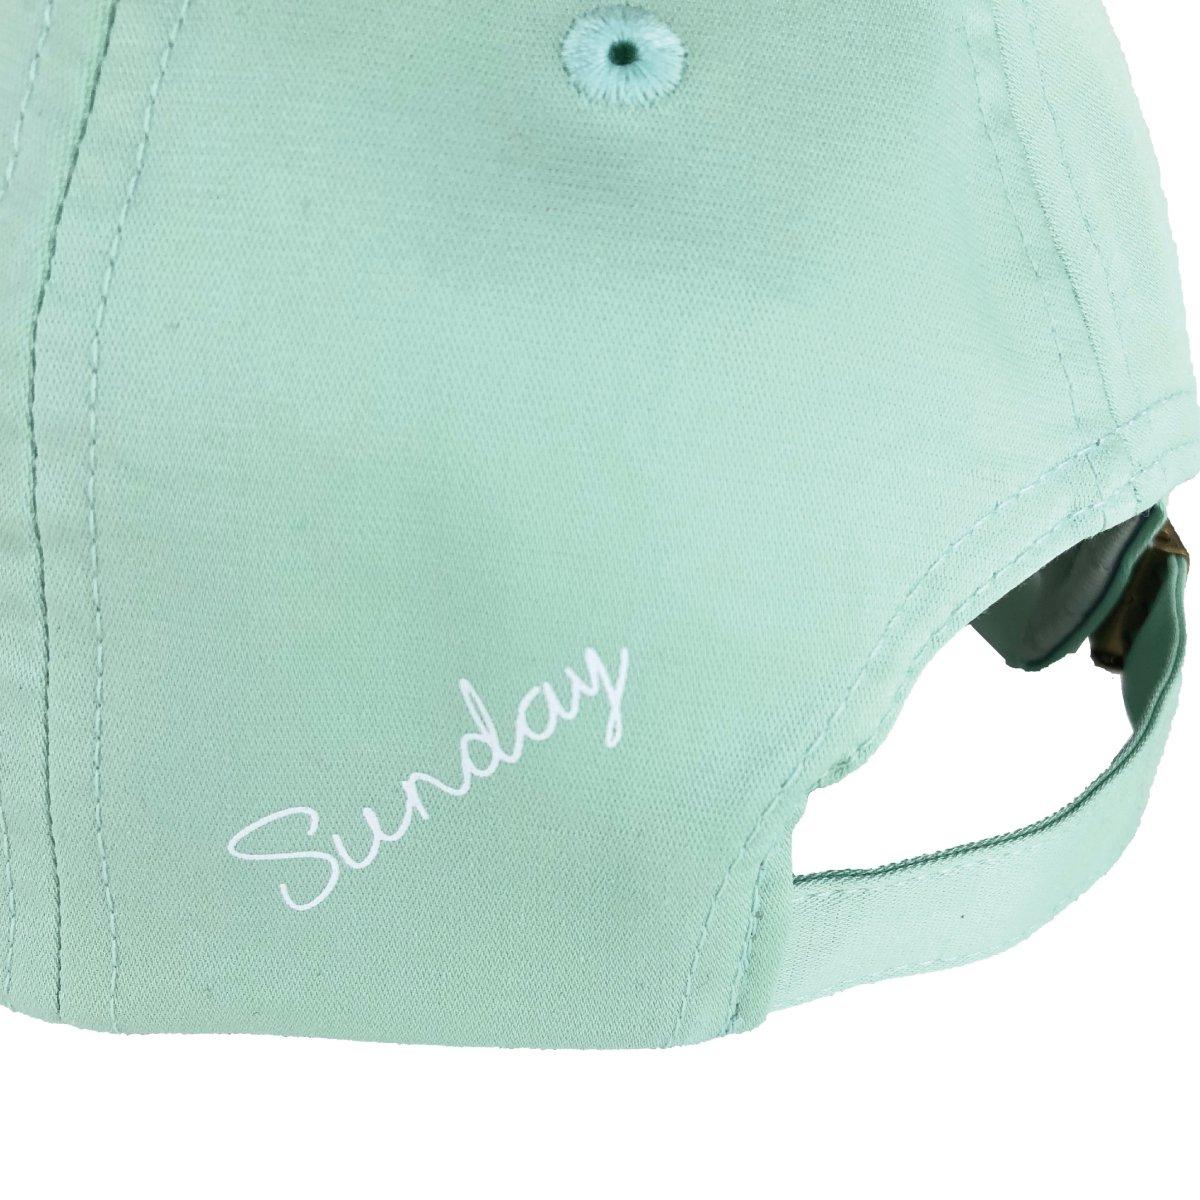 【BABY】Baby Sunday Cap 詳細画像17